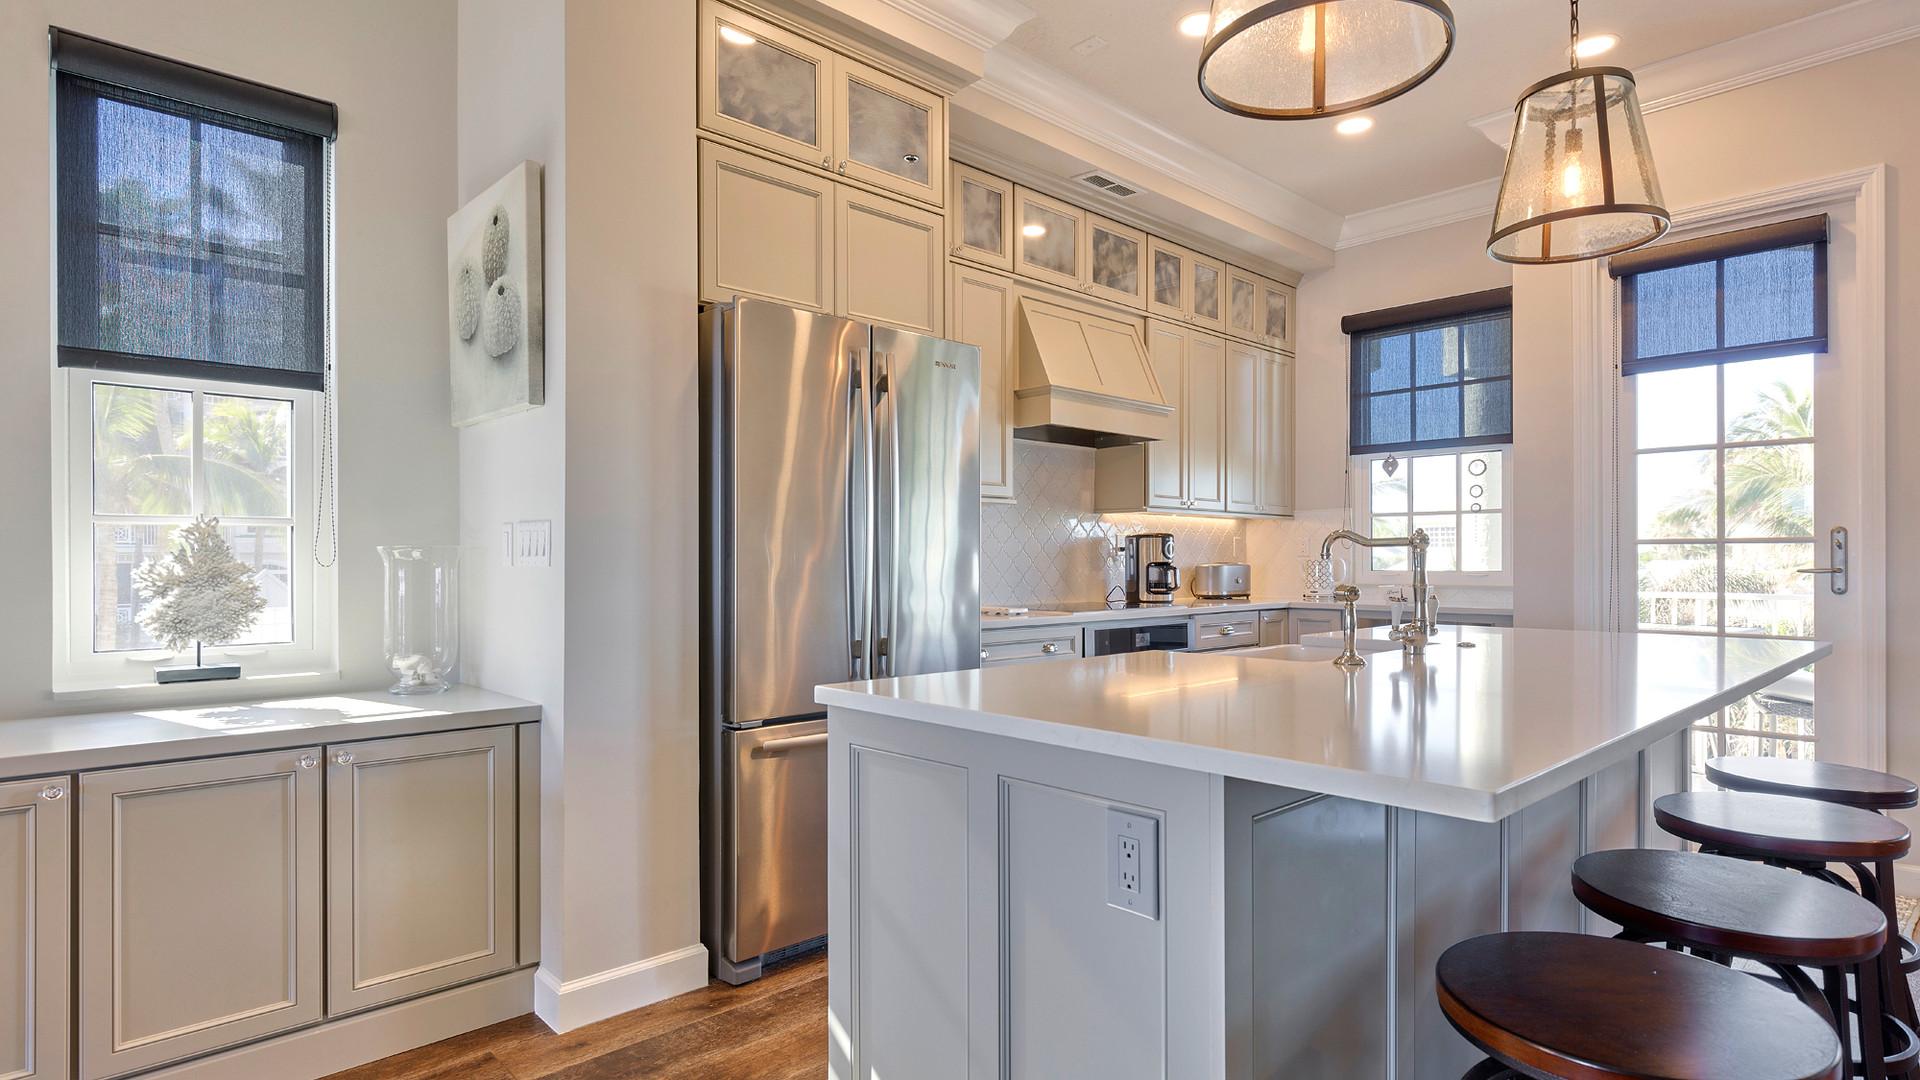 Cheyrl Ward kitchen.jpg